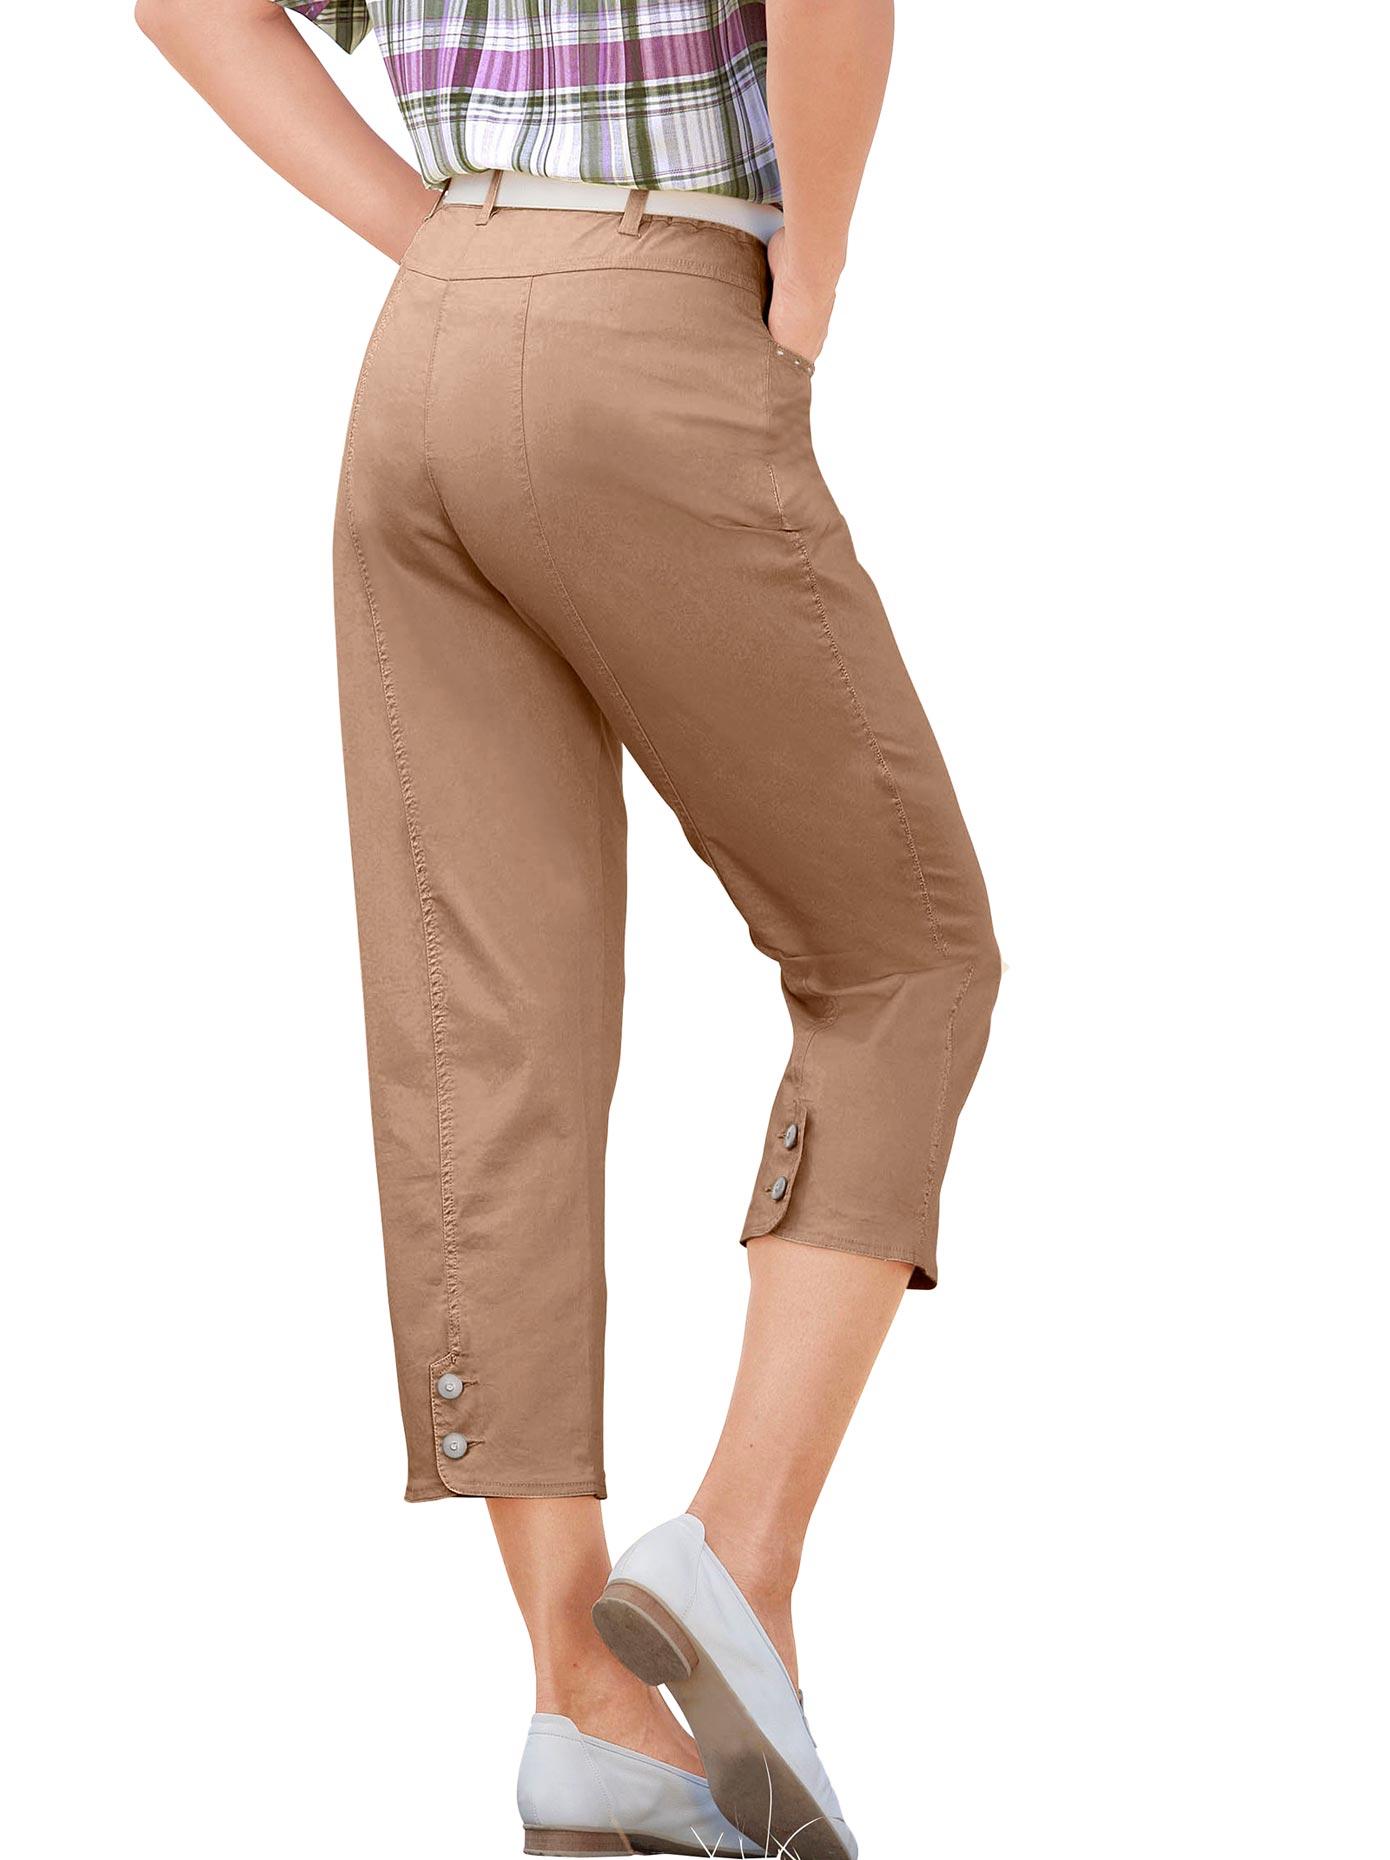 Casual Looks 7/8 Hose mit Schmuckknöpfen   Bekleidung > Hosen > 7/8-Hosen   Braun   Casual Looks